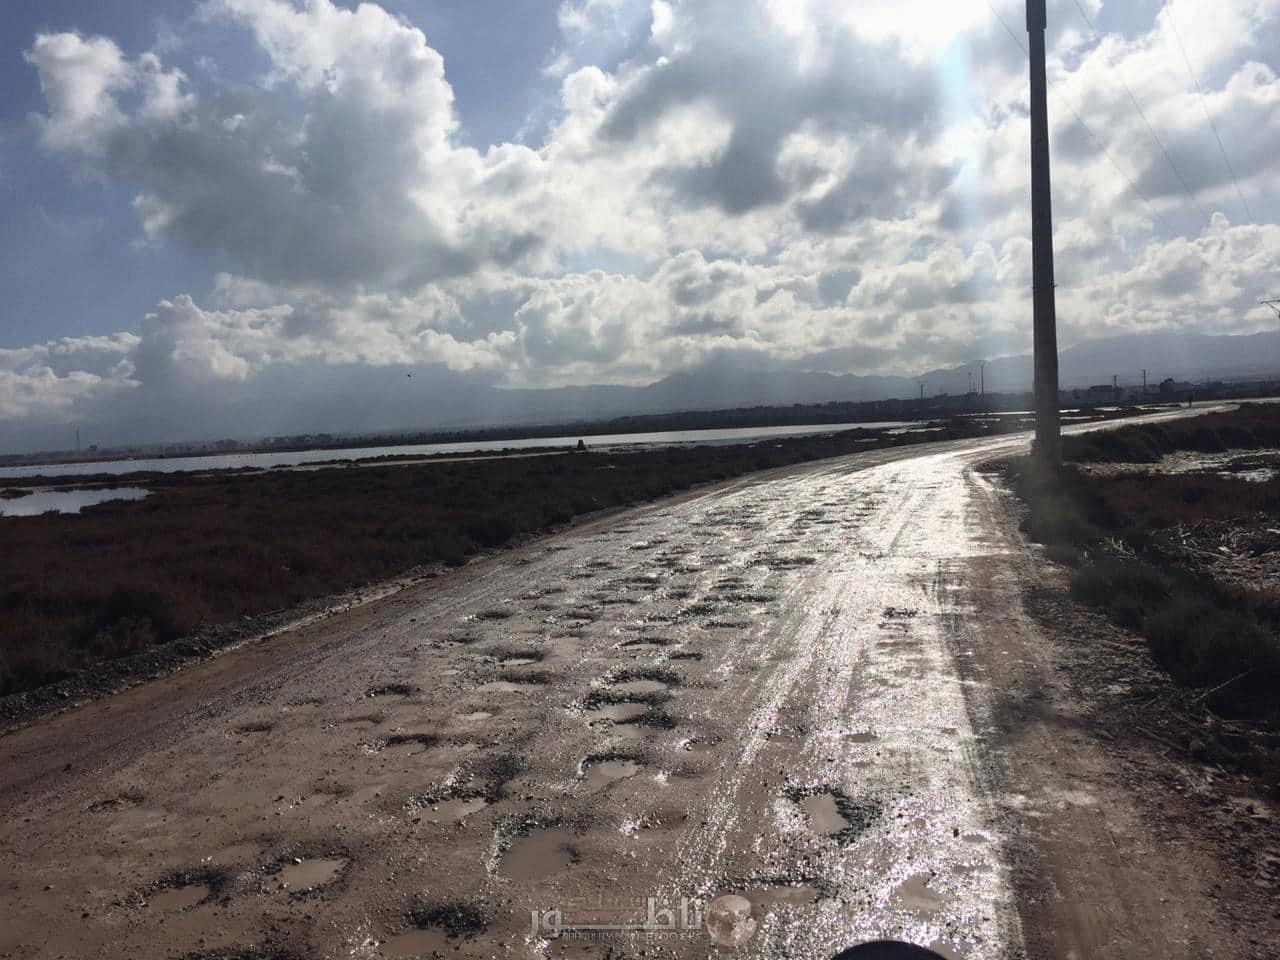 """ساكنة """"ثايزات"""" الساحلية تطالب رئيس جماعة بوعرك بإصلاح الطريق الرابطة بين الدوار وقرية أركمان"""